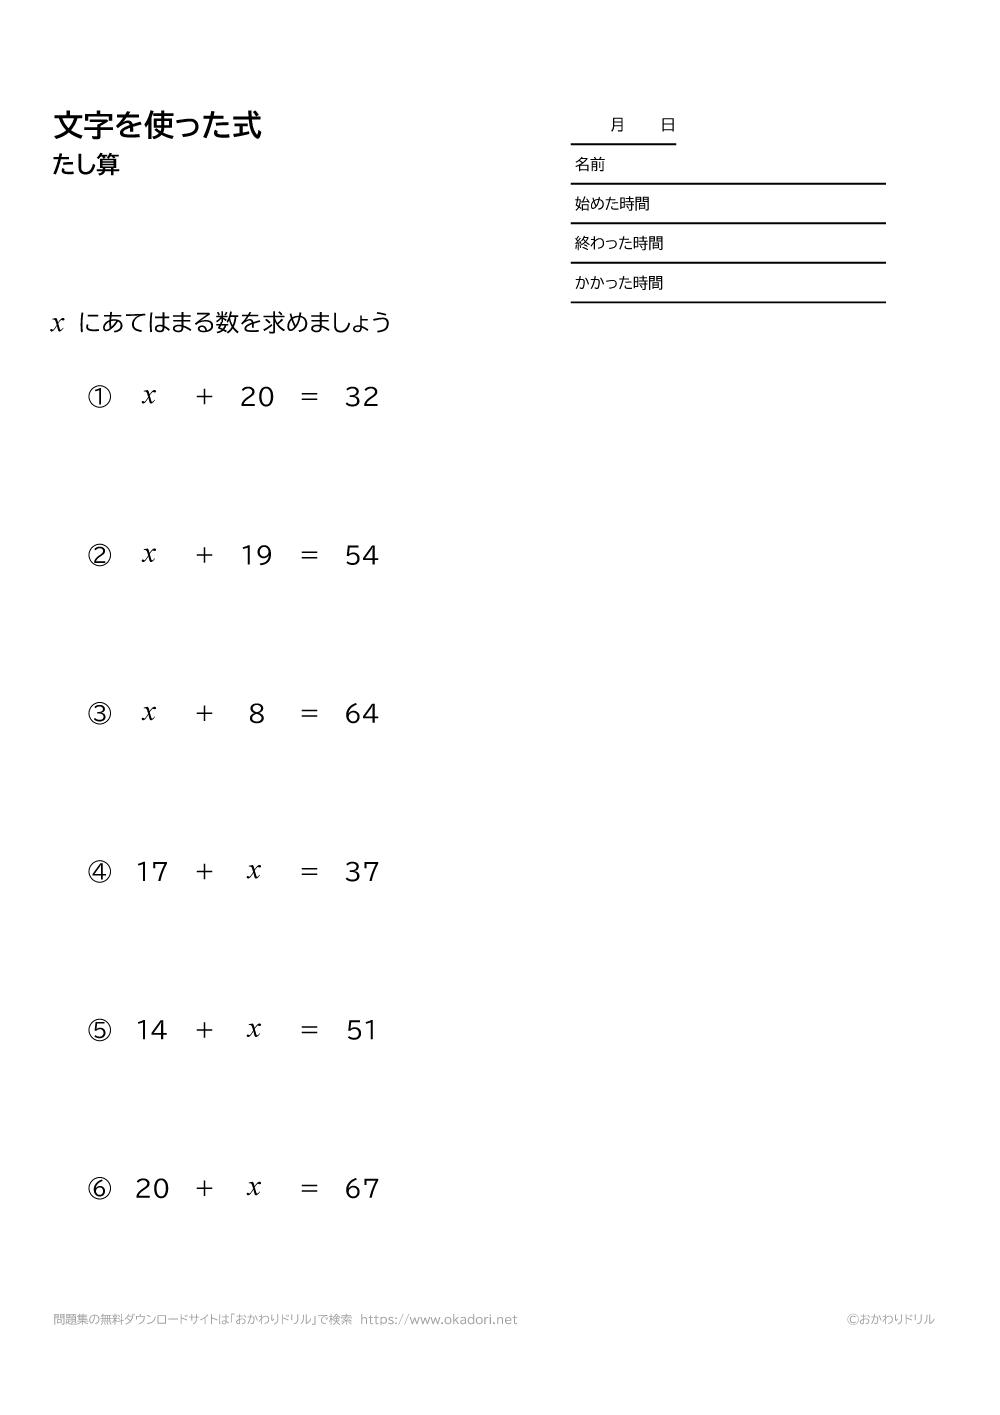 文字を使った式の足し算5